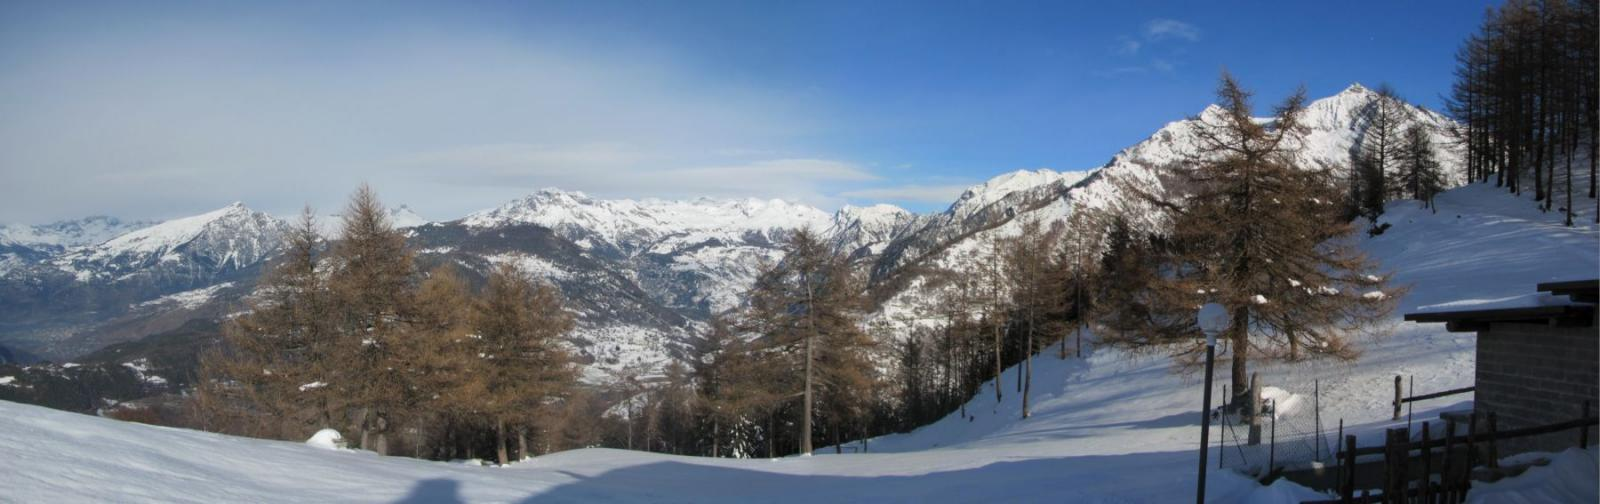 panorama dall'alpe